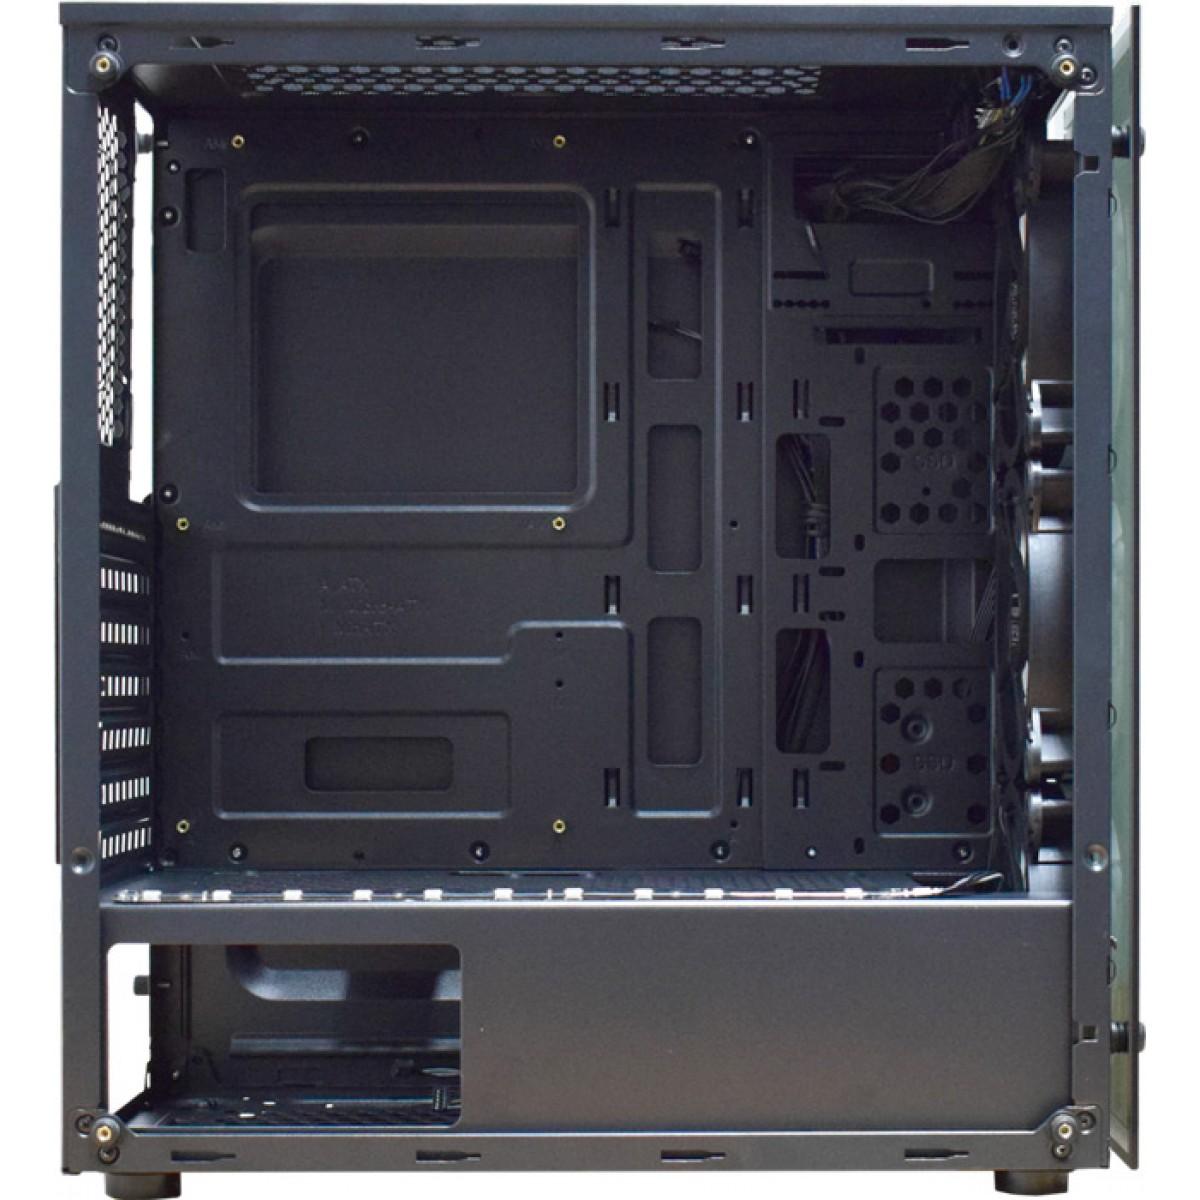 Gabinete Gamer K-mex Atlantis IV, Mid Tower, Com 3 Fans RGB, Vidro Temperado, Black, S-Fonte, CG-04N9